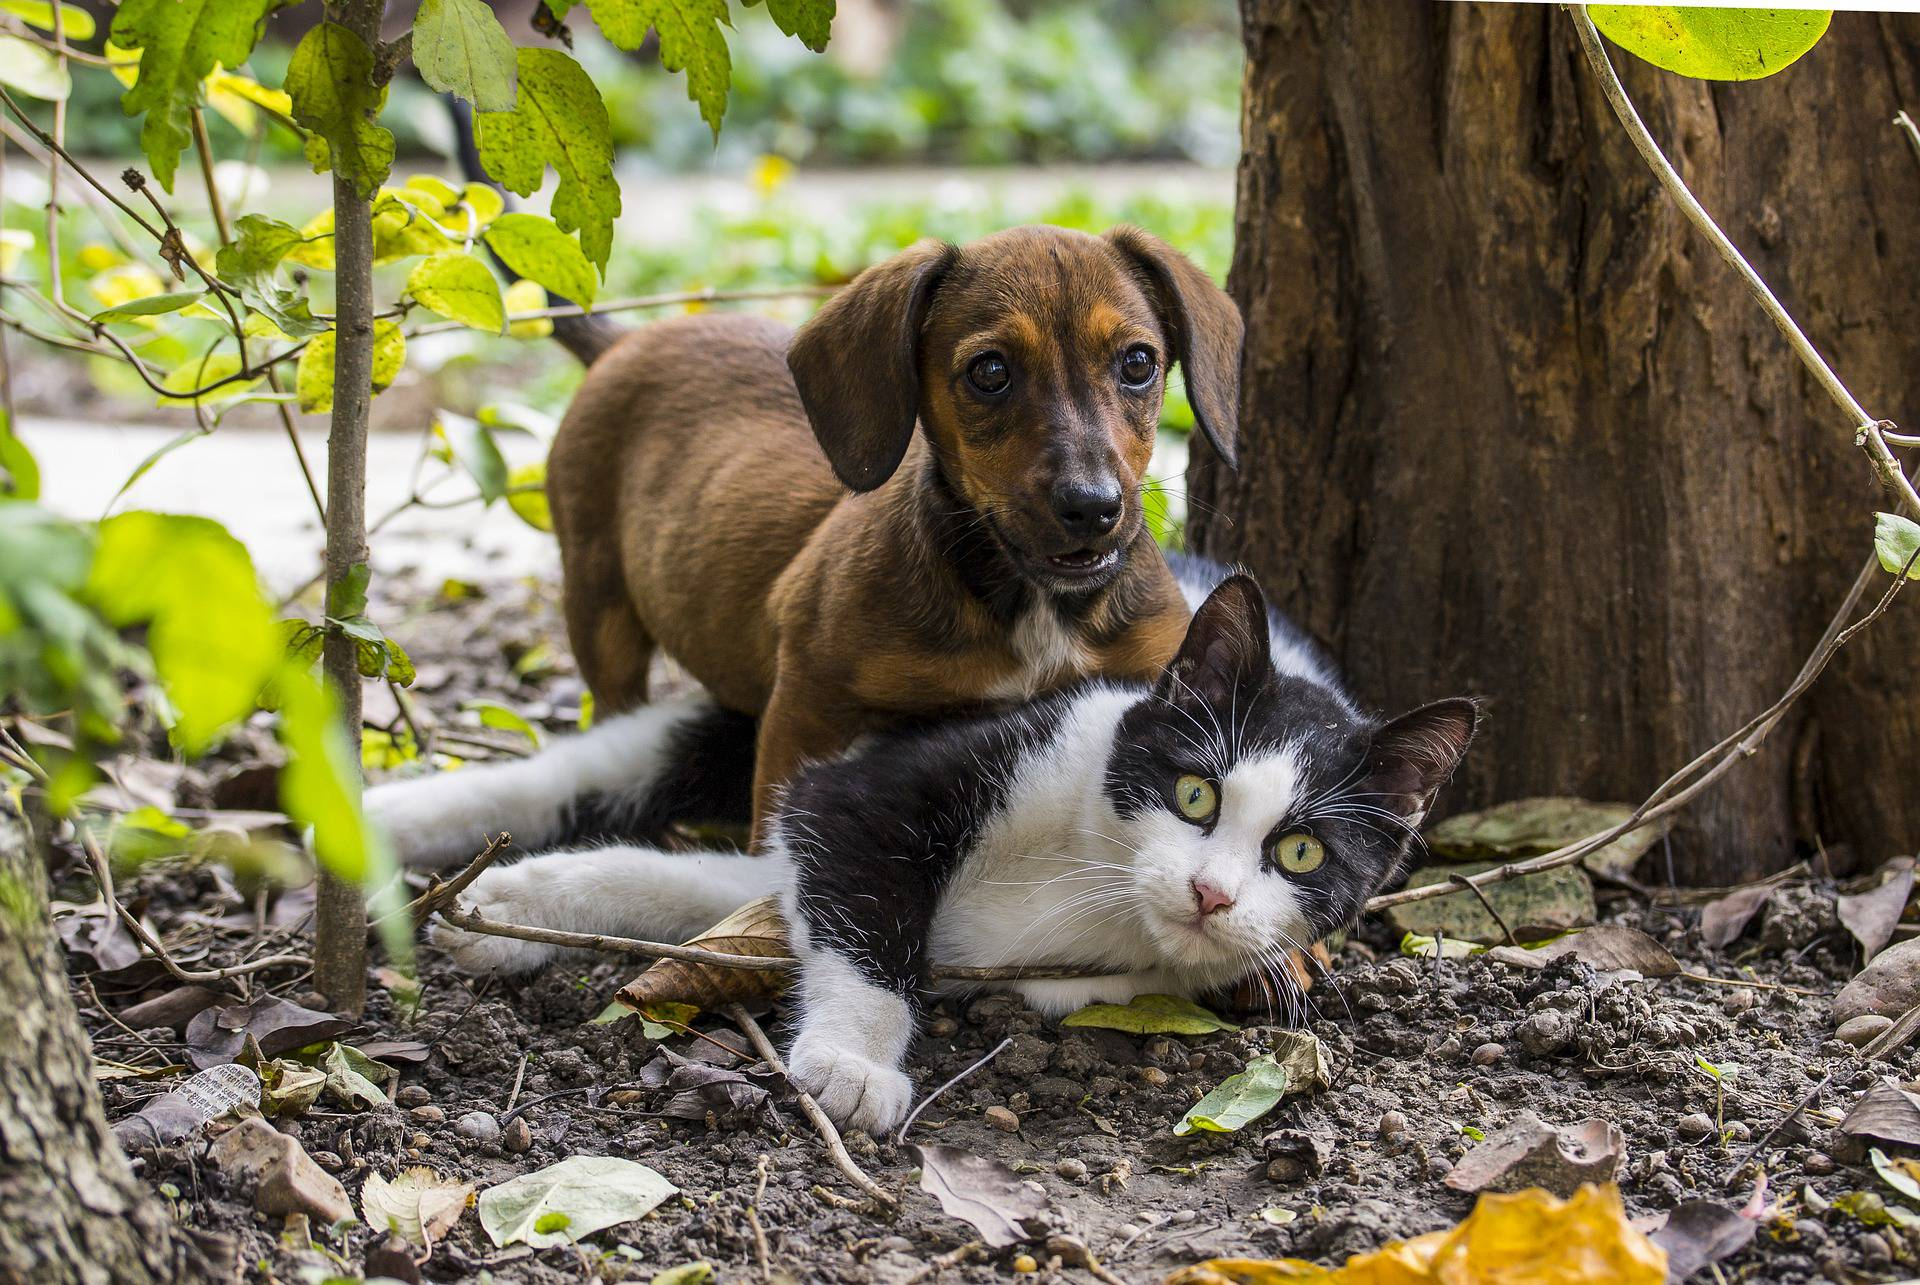 Mačke i psi pamte slično kao i ljudi, sjećaju se ljudi i događaja